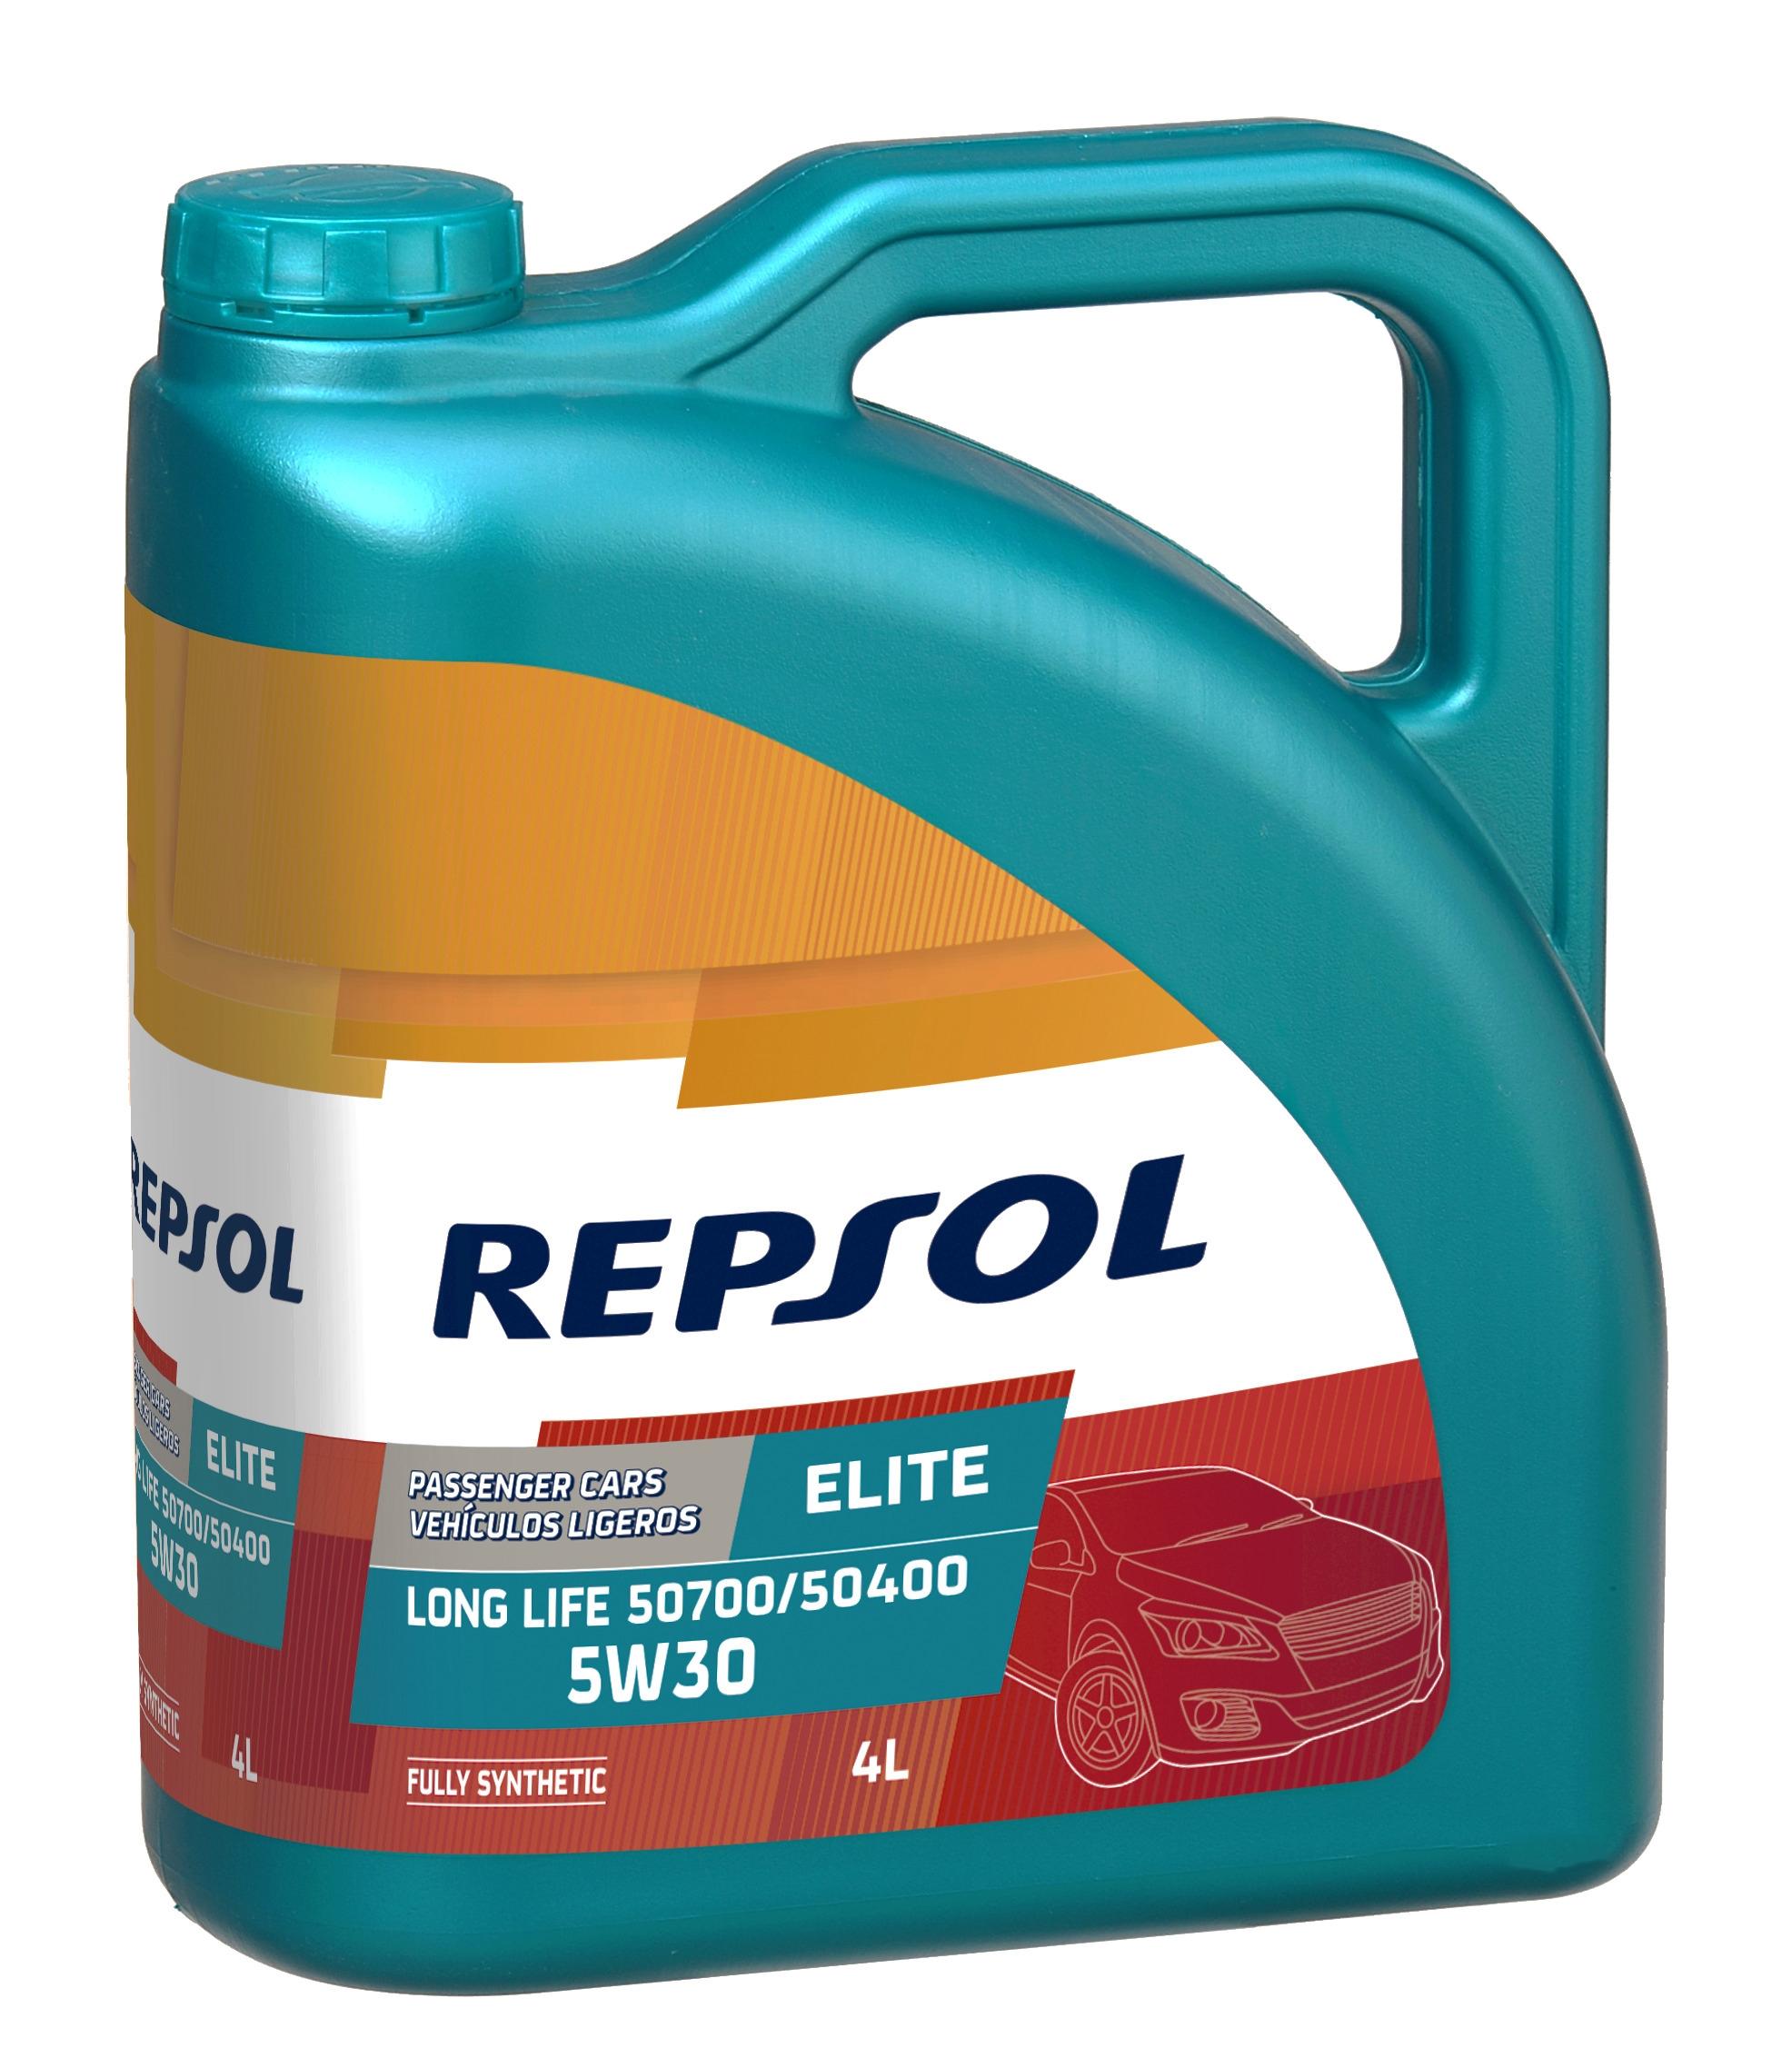 Моторное масло Repsol Elite Long Life 50700/50400 5W-30 4л